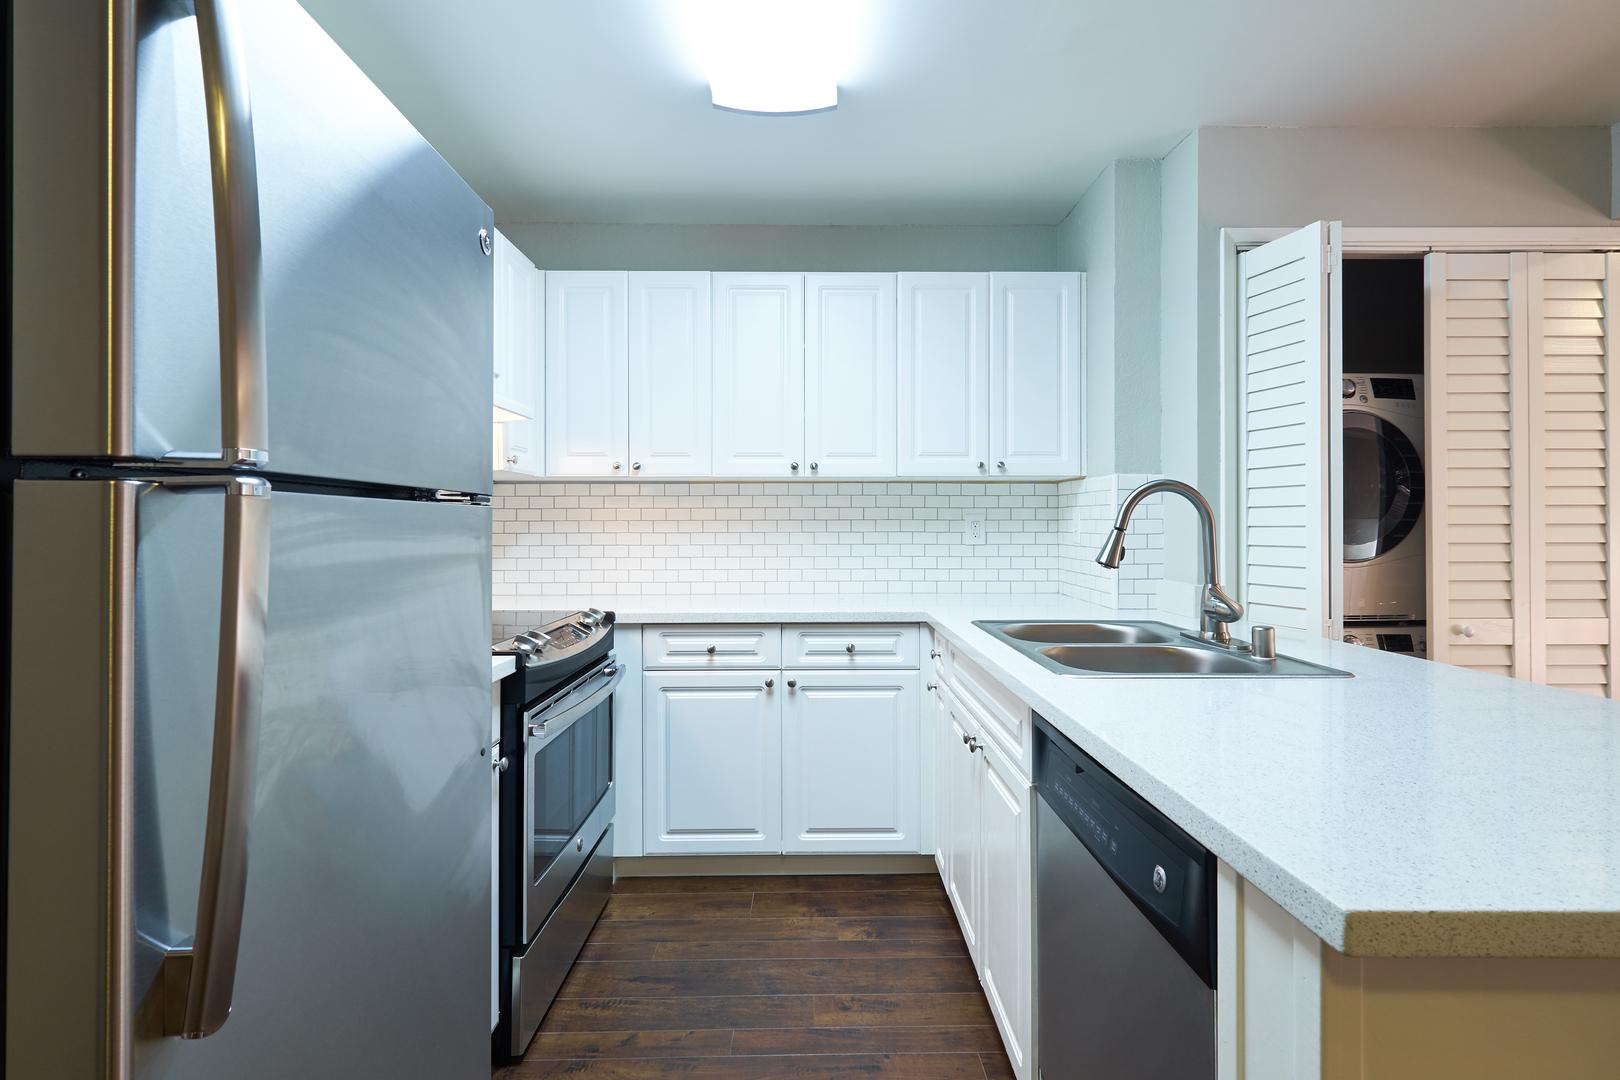 Apartments for Rent in Santa Cruz, CA | Breakwater - Home